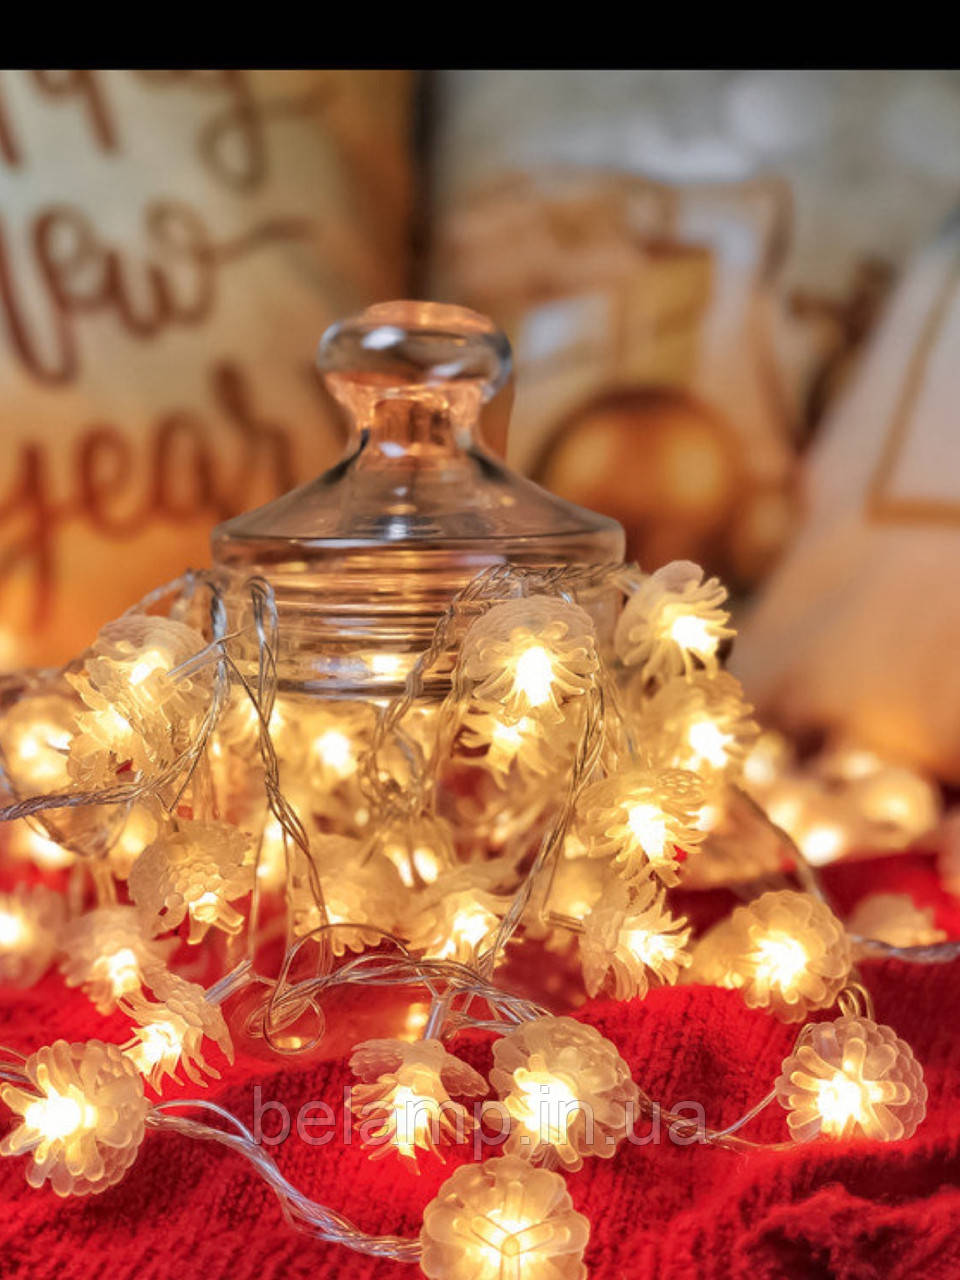 """Новогодняя гирлянда от электричества на елку «Тёплые шишки"""""""